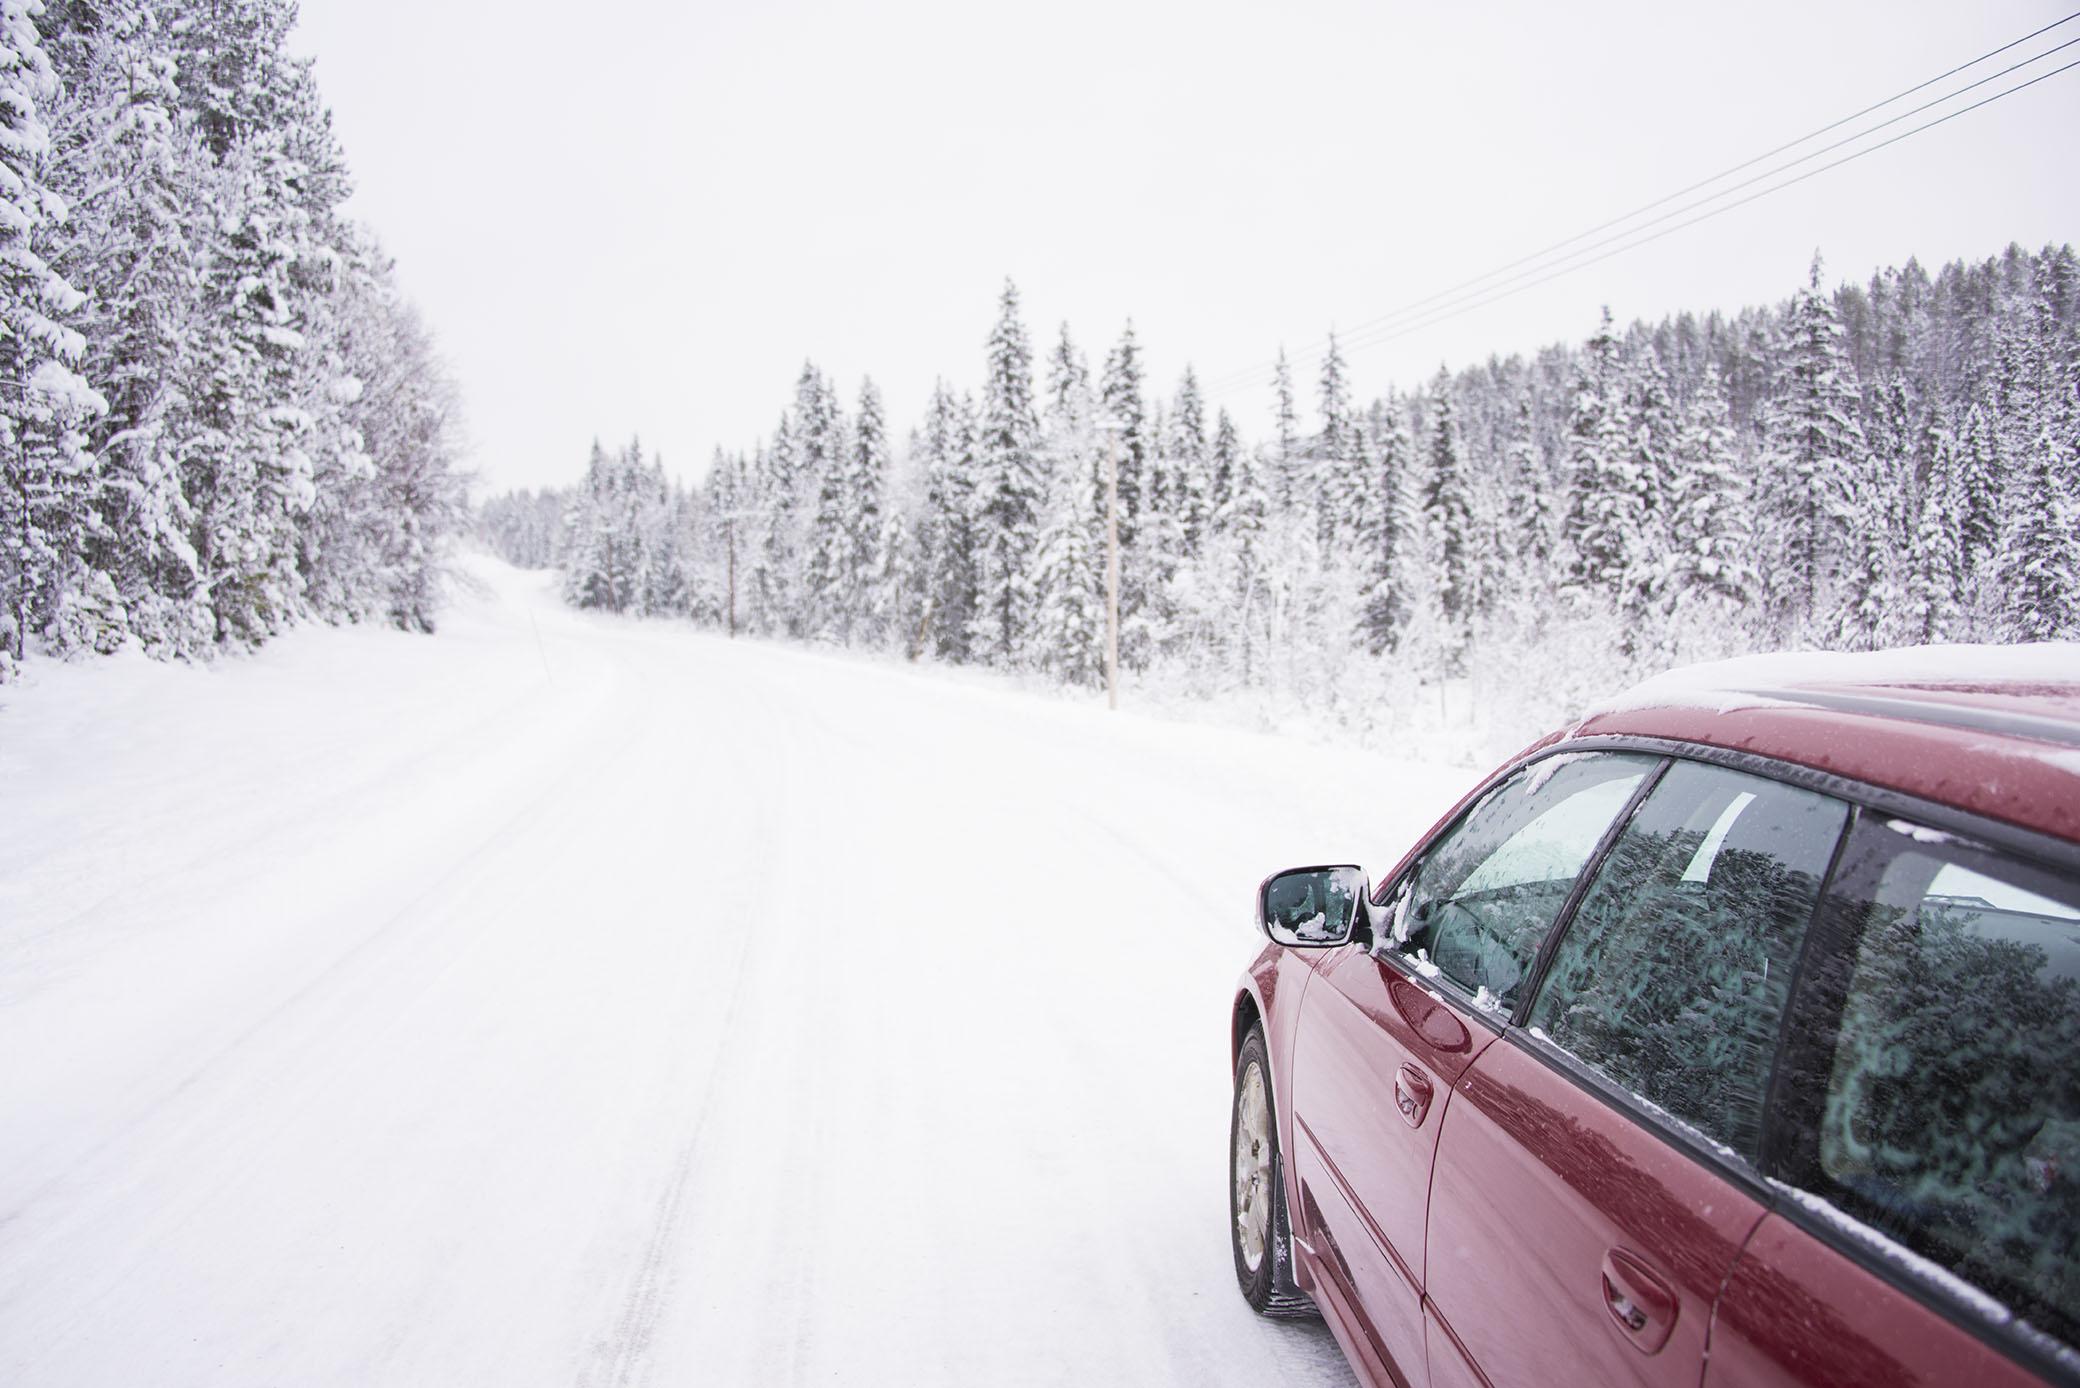 Att ta bilen och bara köra någonstans och stanna på vackra platser...det är så himla roligt! Något av det bästa jag vet.